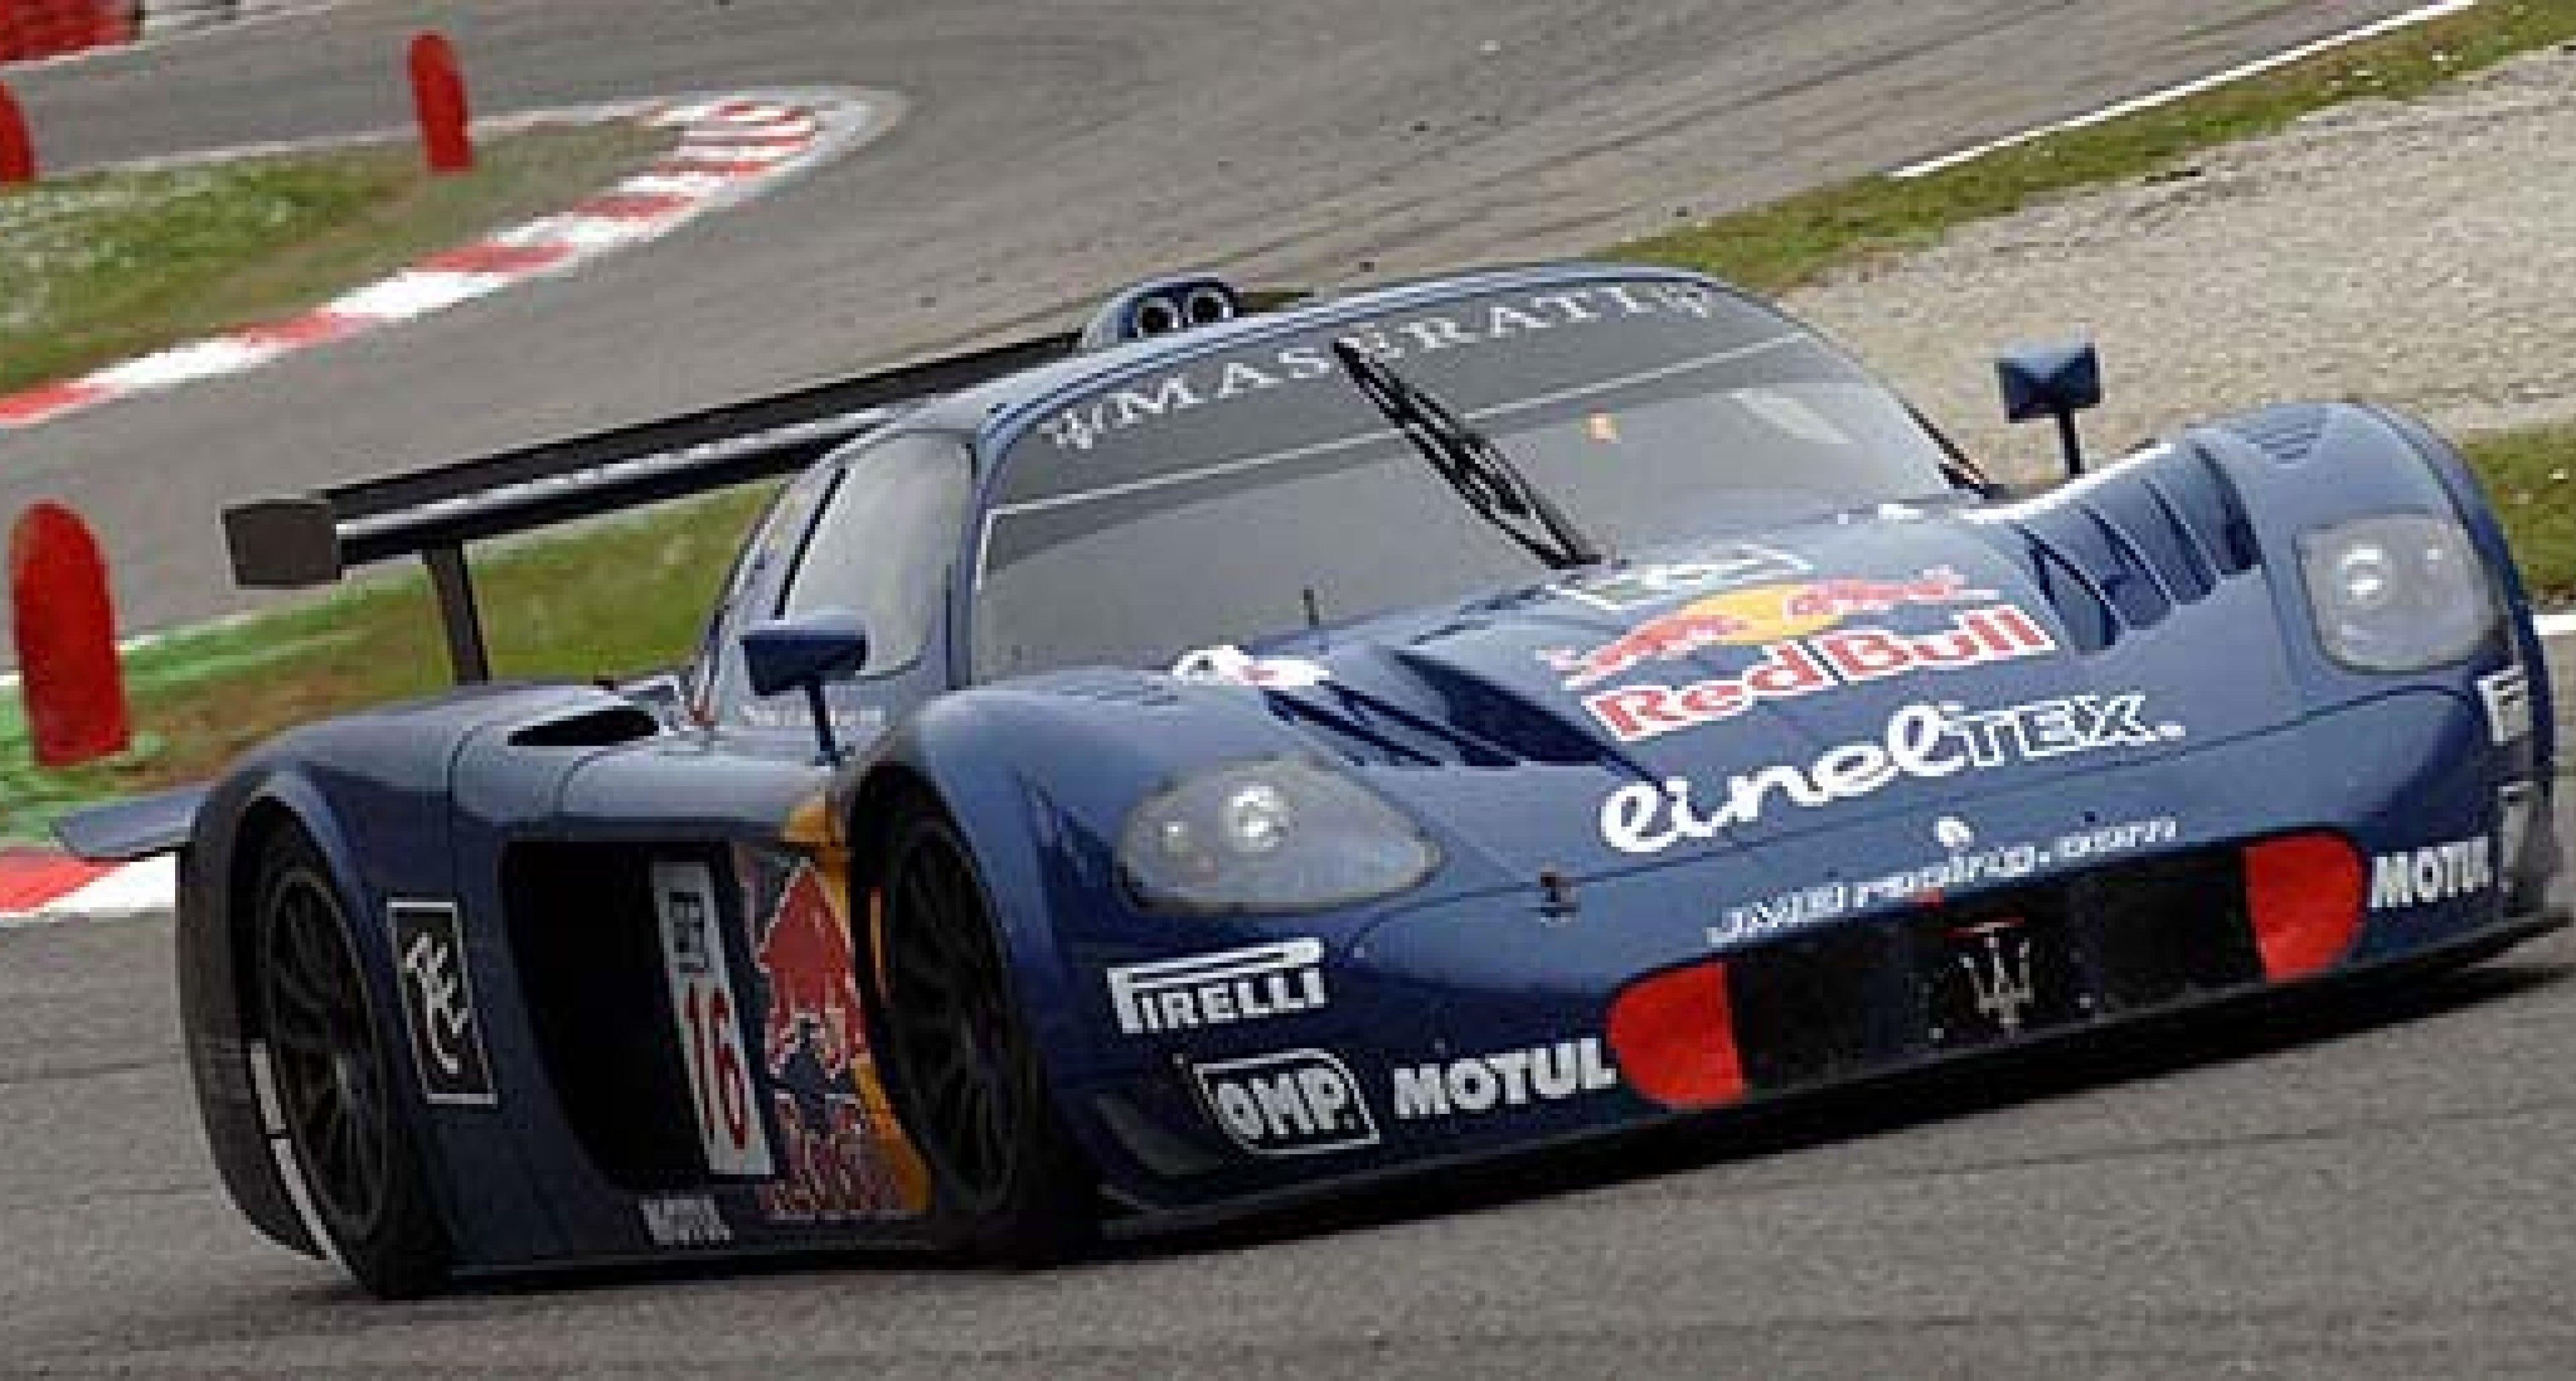 Home win for Ferrari at Monza